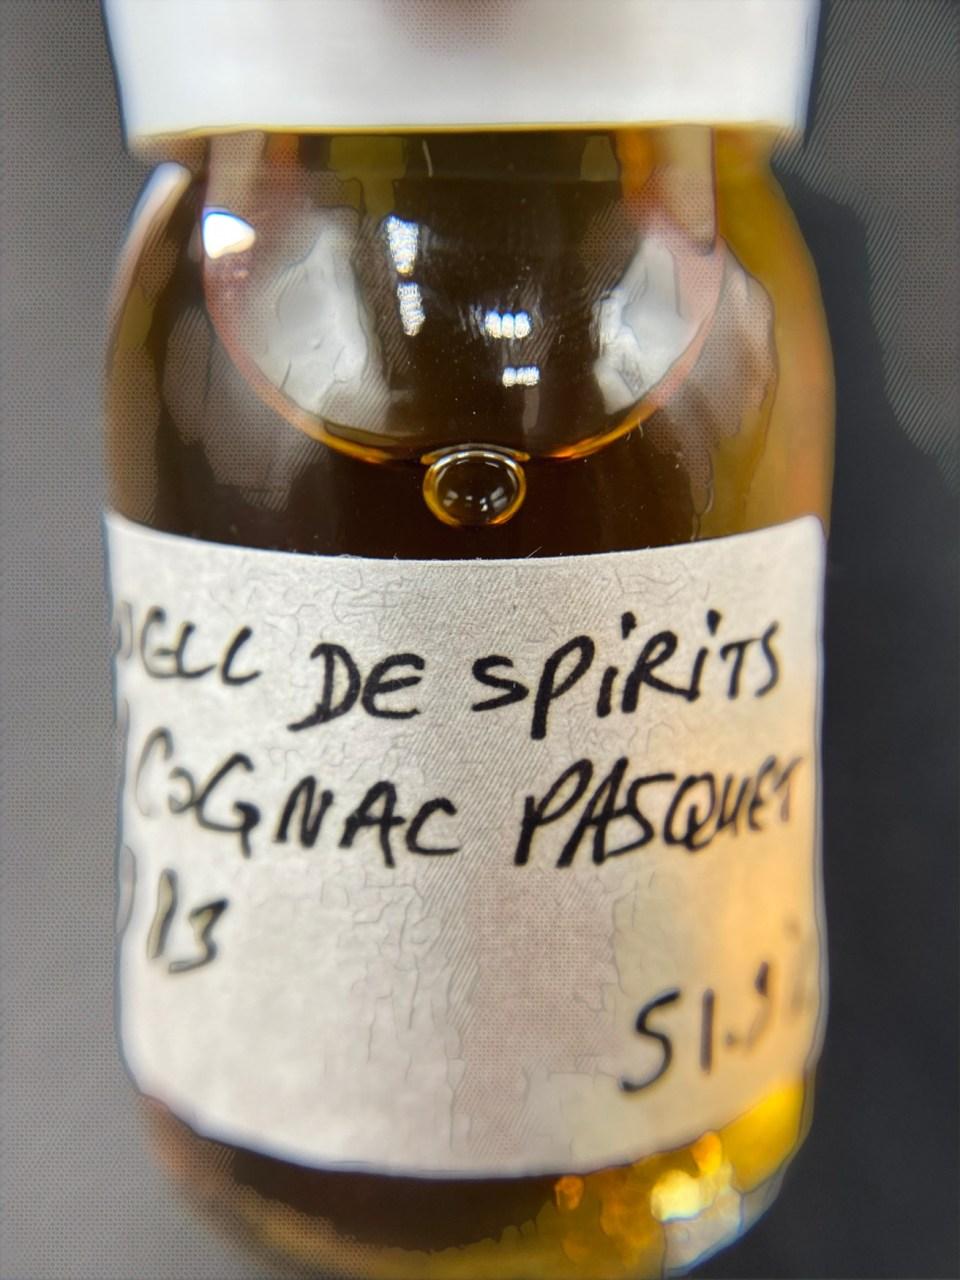 Swell de Spirits Cognac Pasquet L83